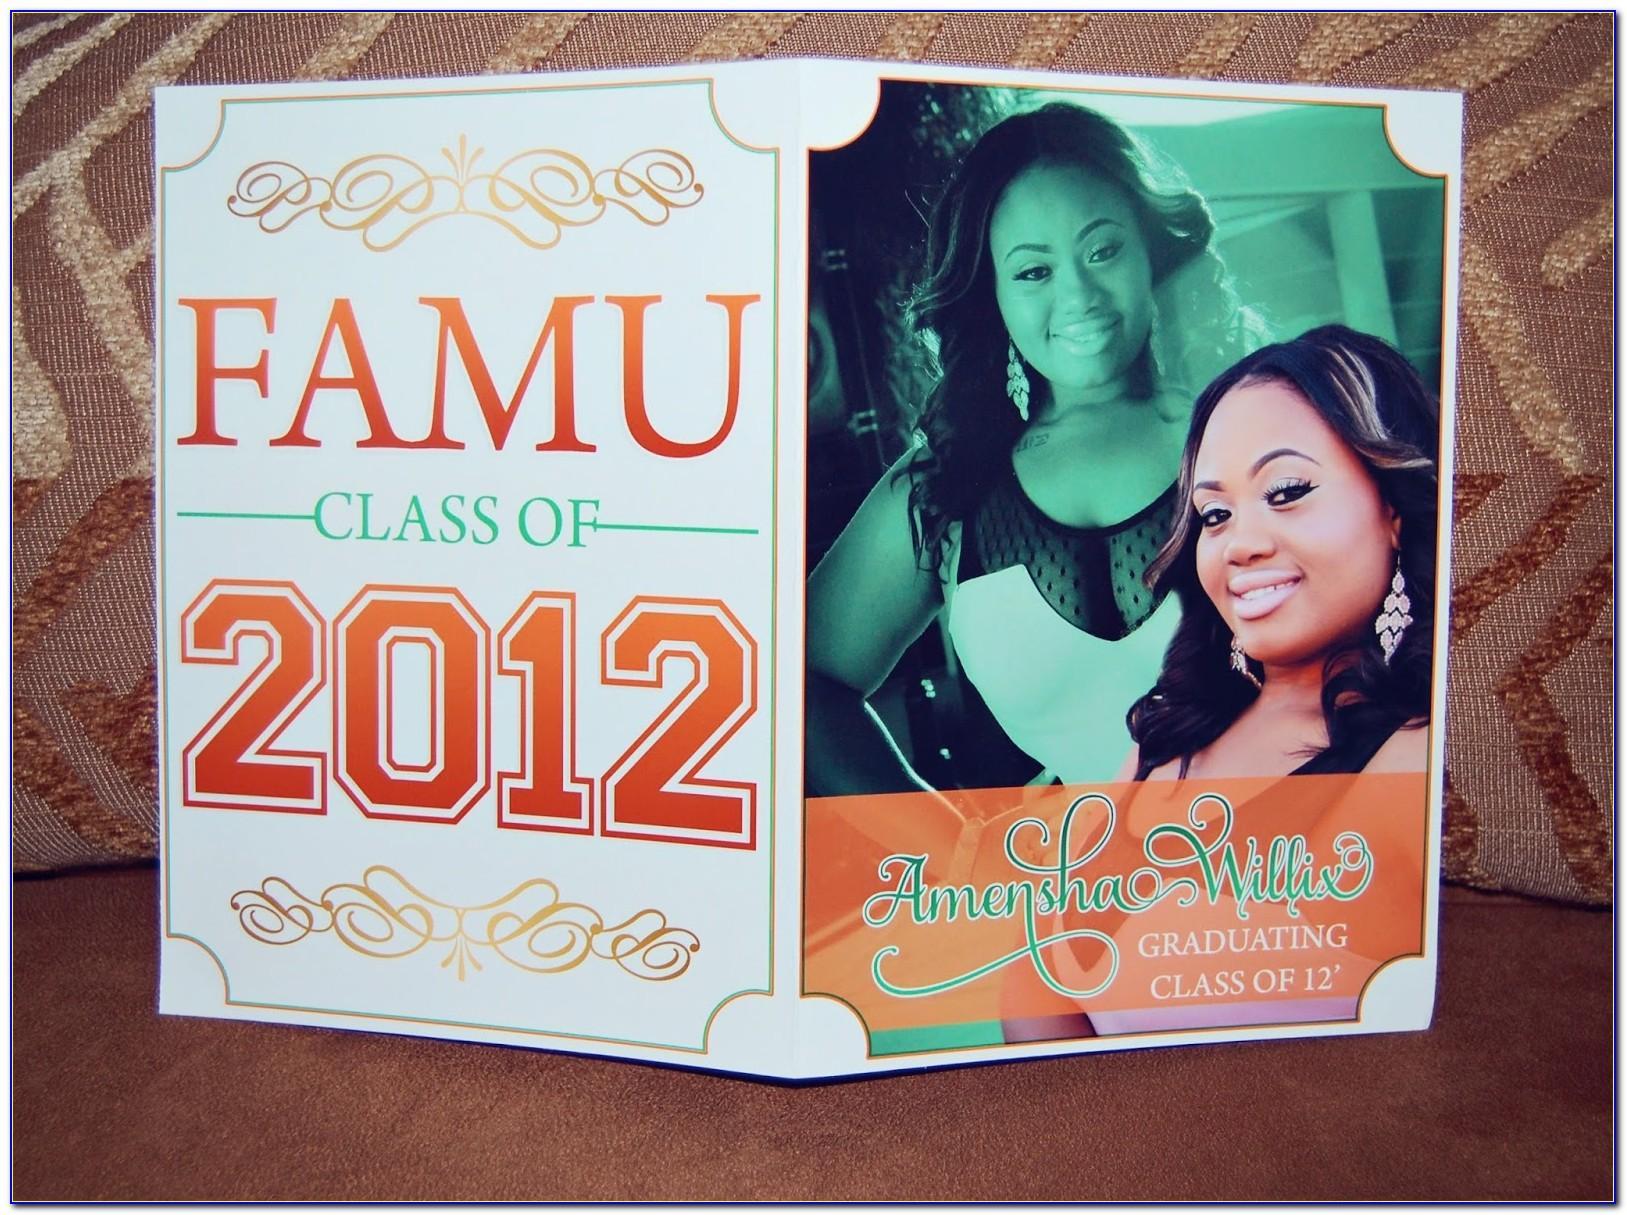 Famu Graduation Announcements